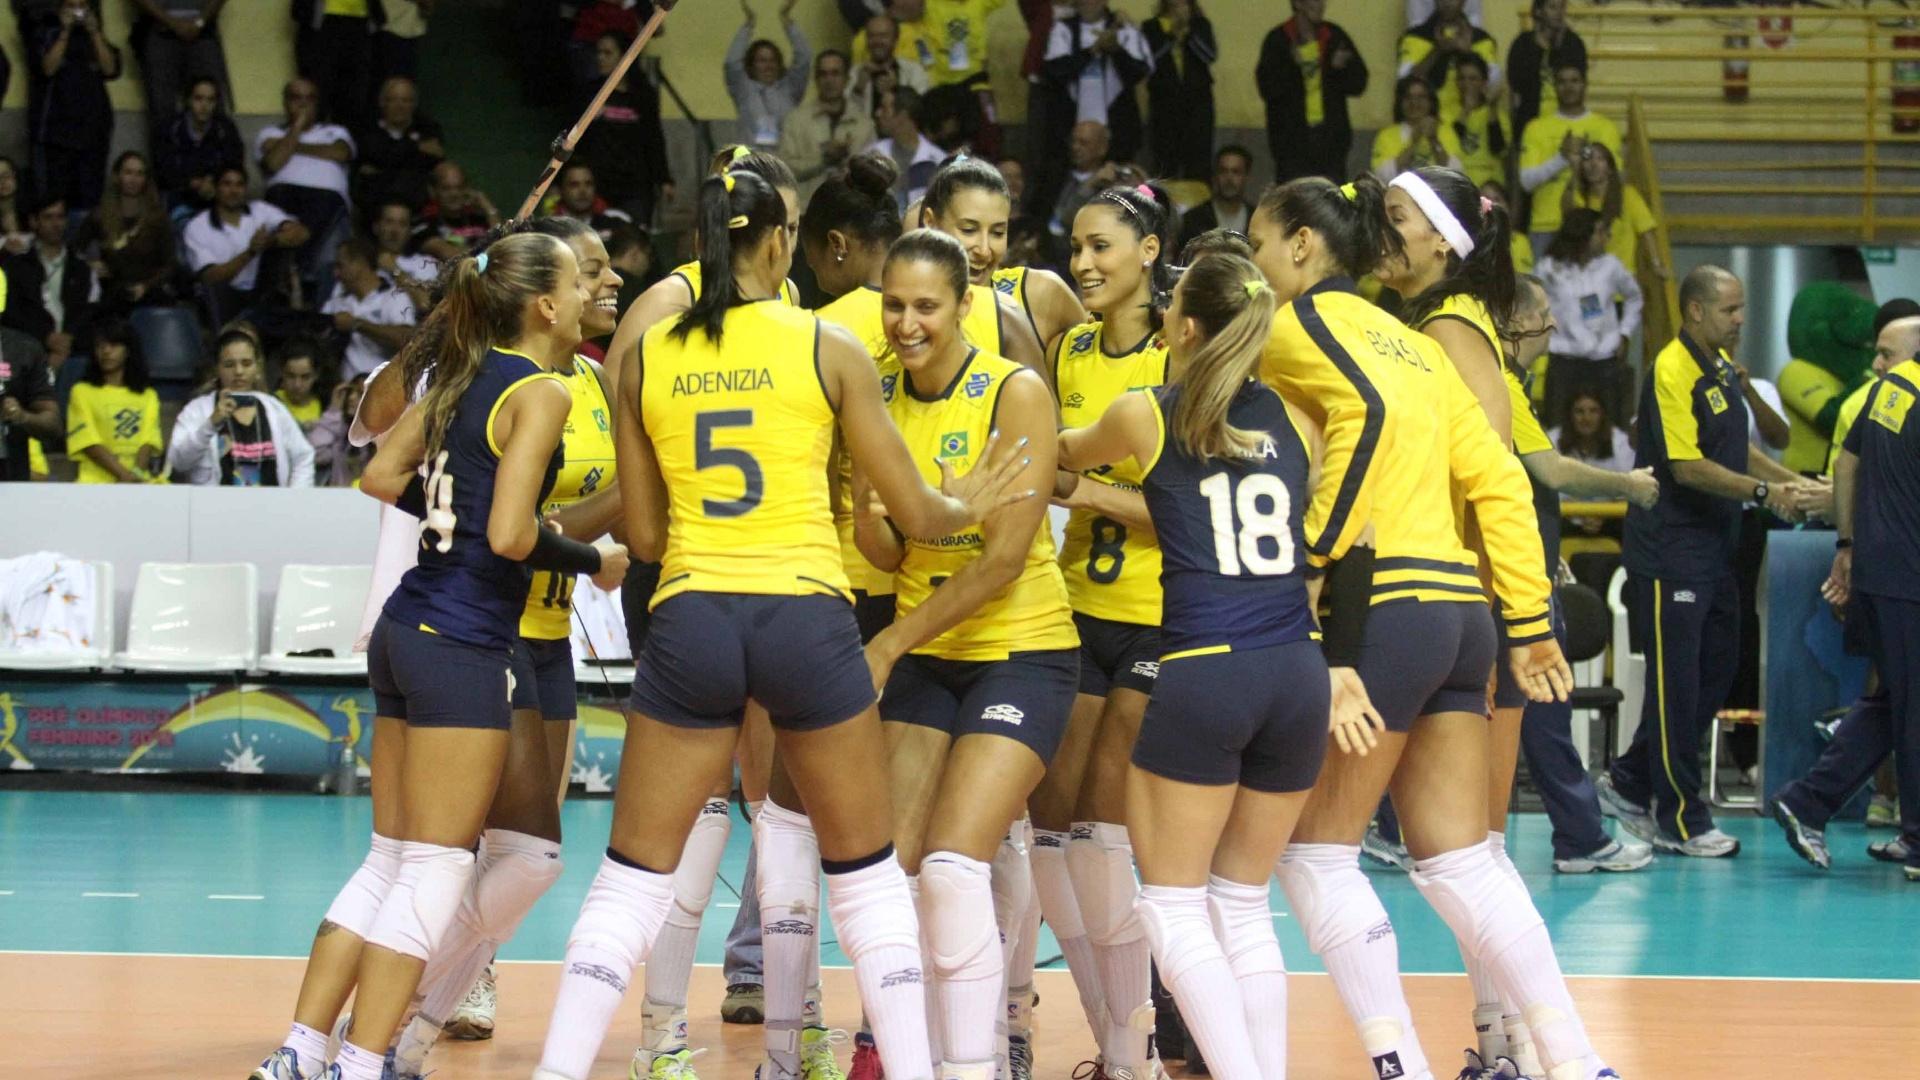 Jogadoras brasileiras comemoram o título e a vaga olímpica conquistada no Pré-Olímpico, em São Carlos